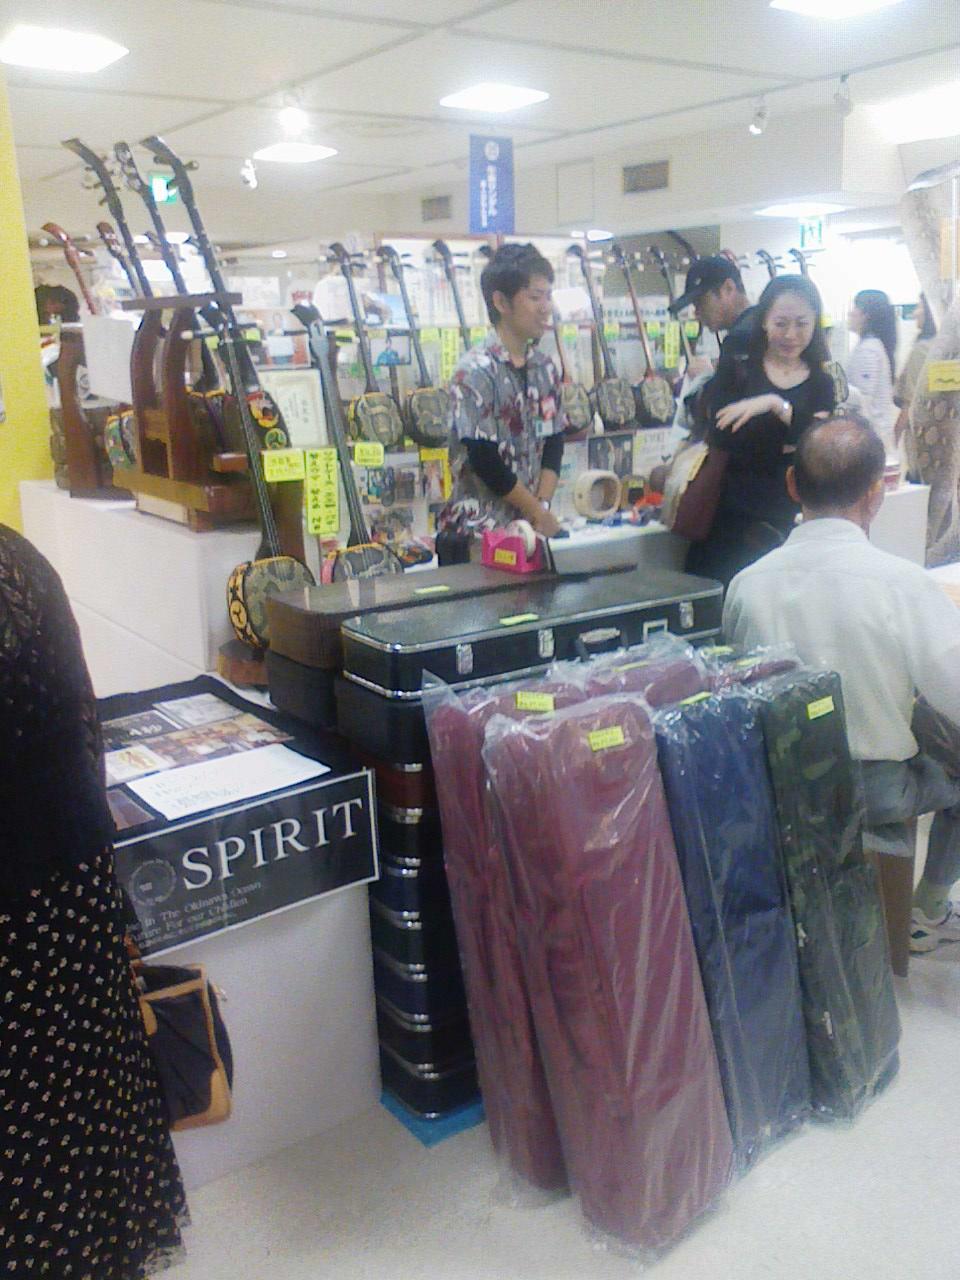 「八重泉」「御酒」「沖縄県酒造組合」_c0061686_6193240.jpg